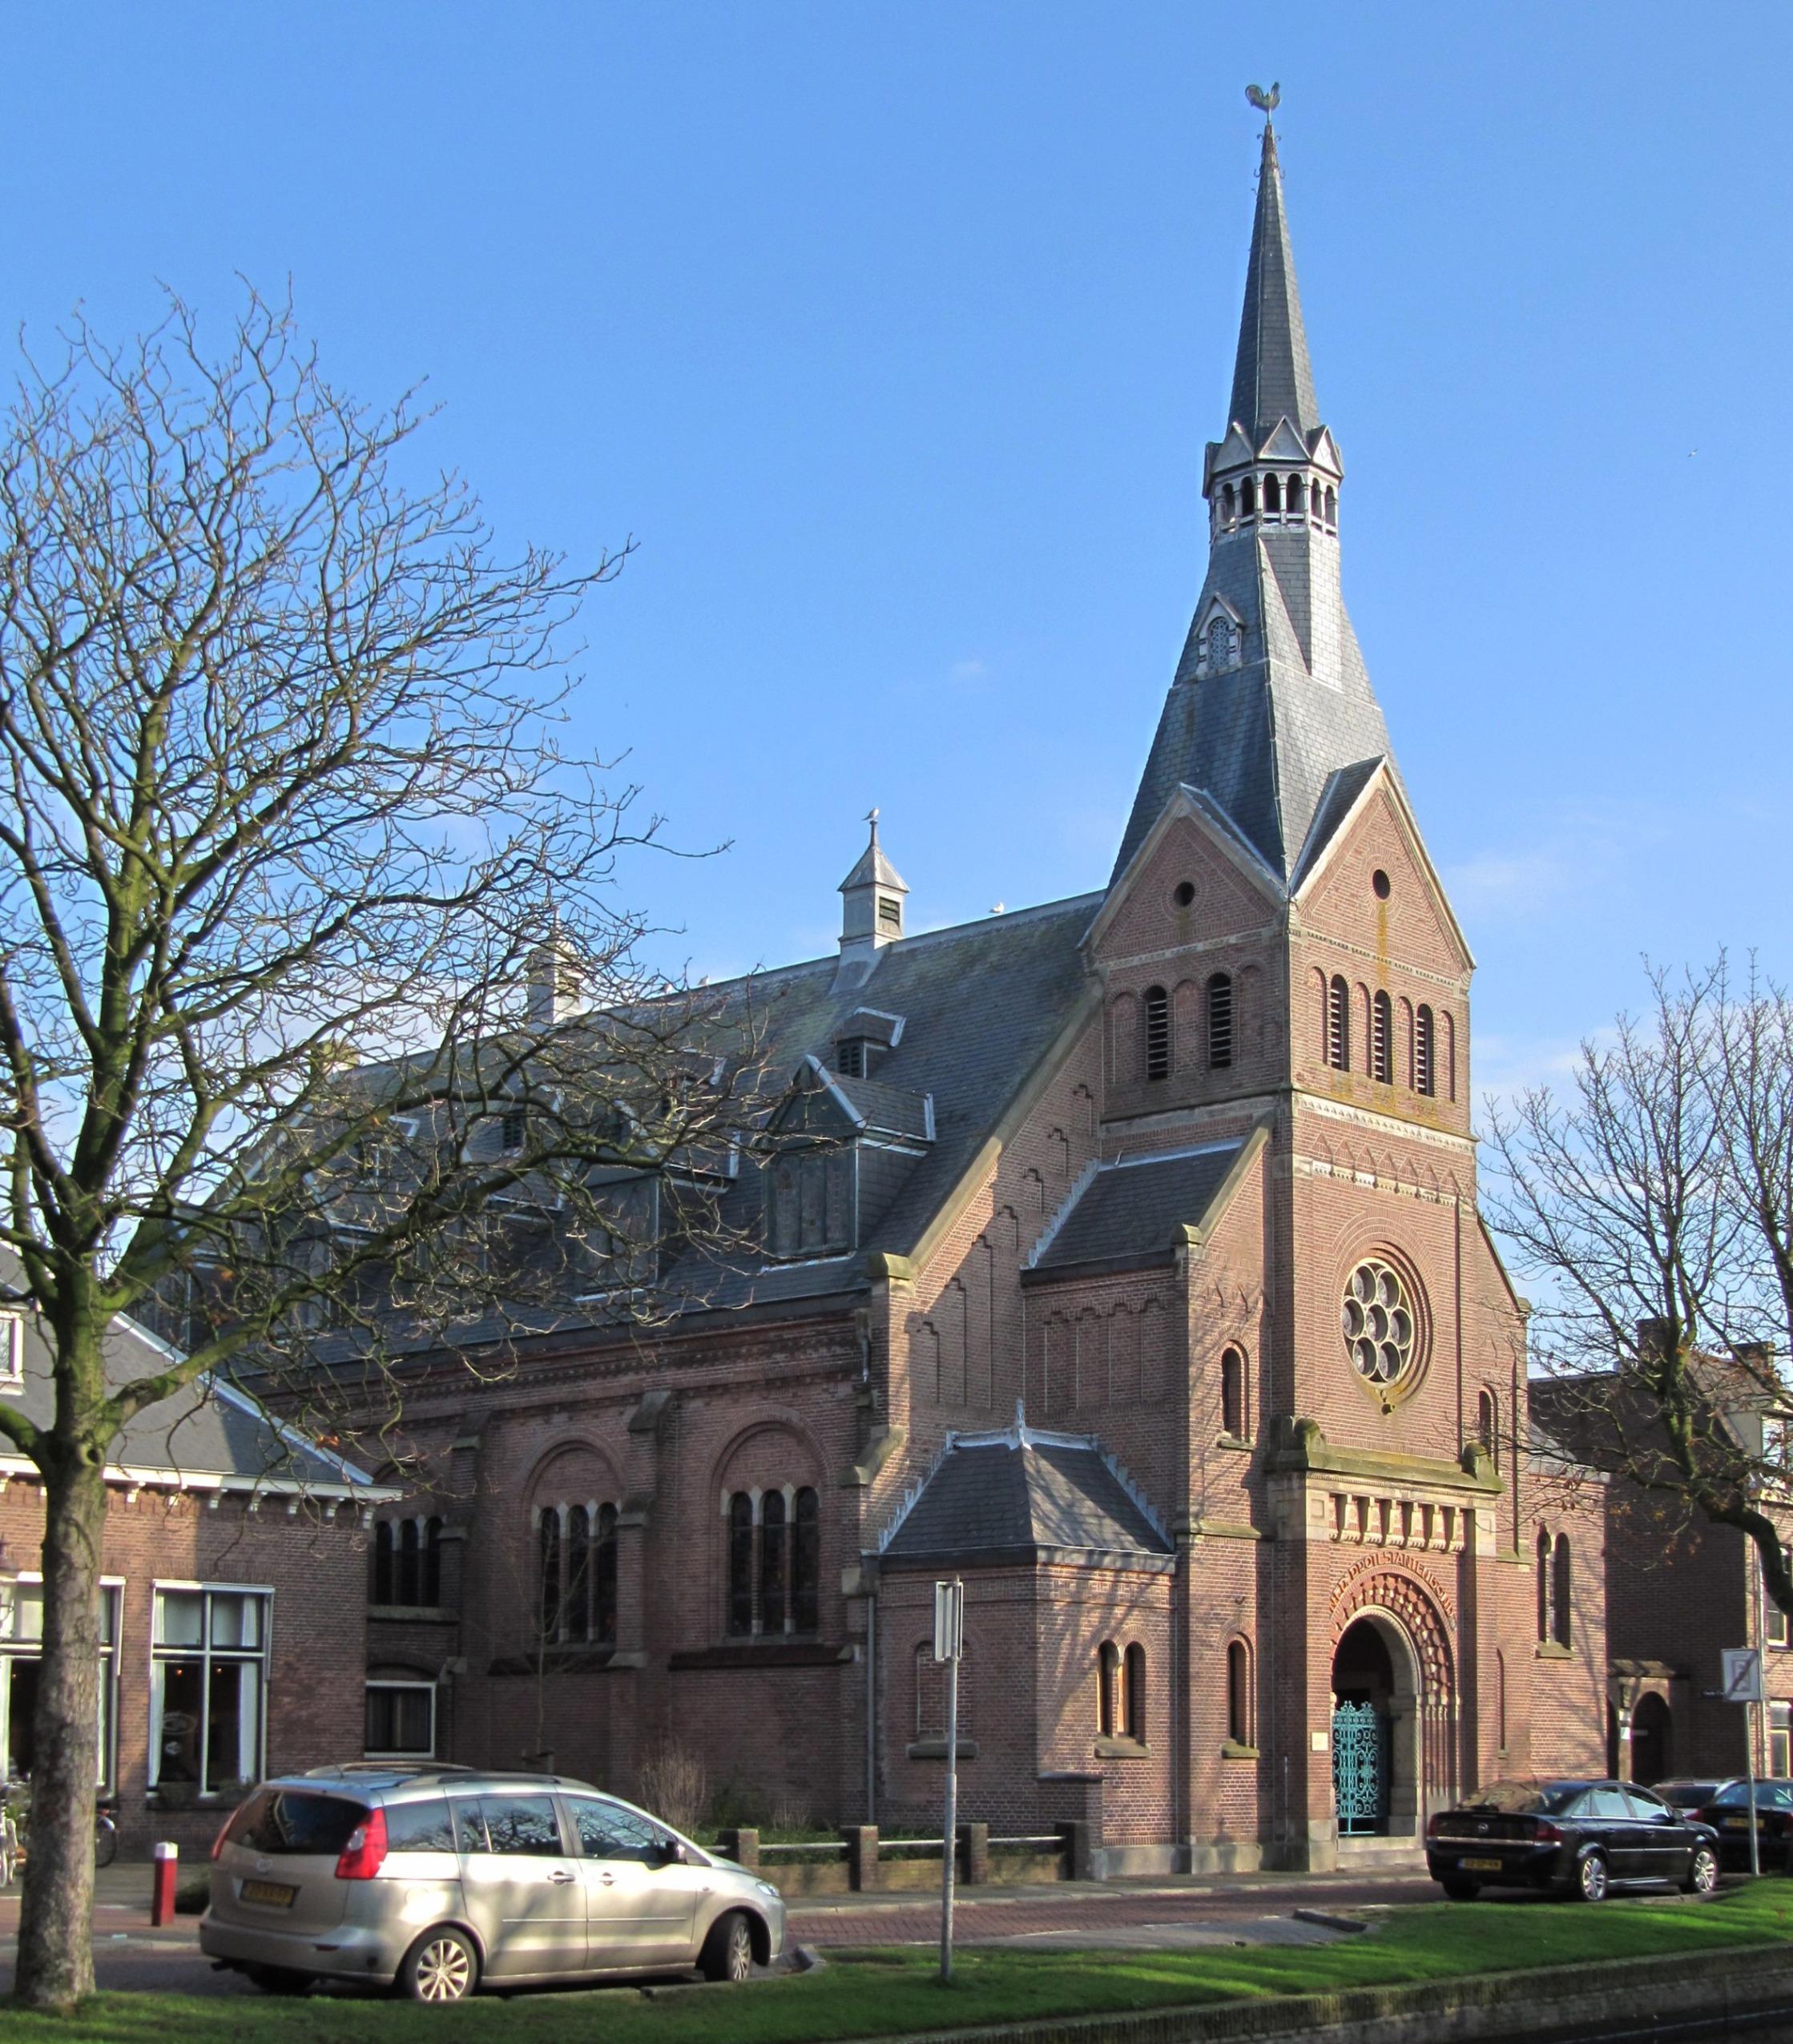 Van%20Houtenkerk_Weesp_edited